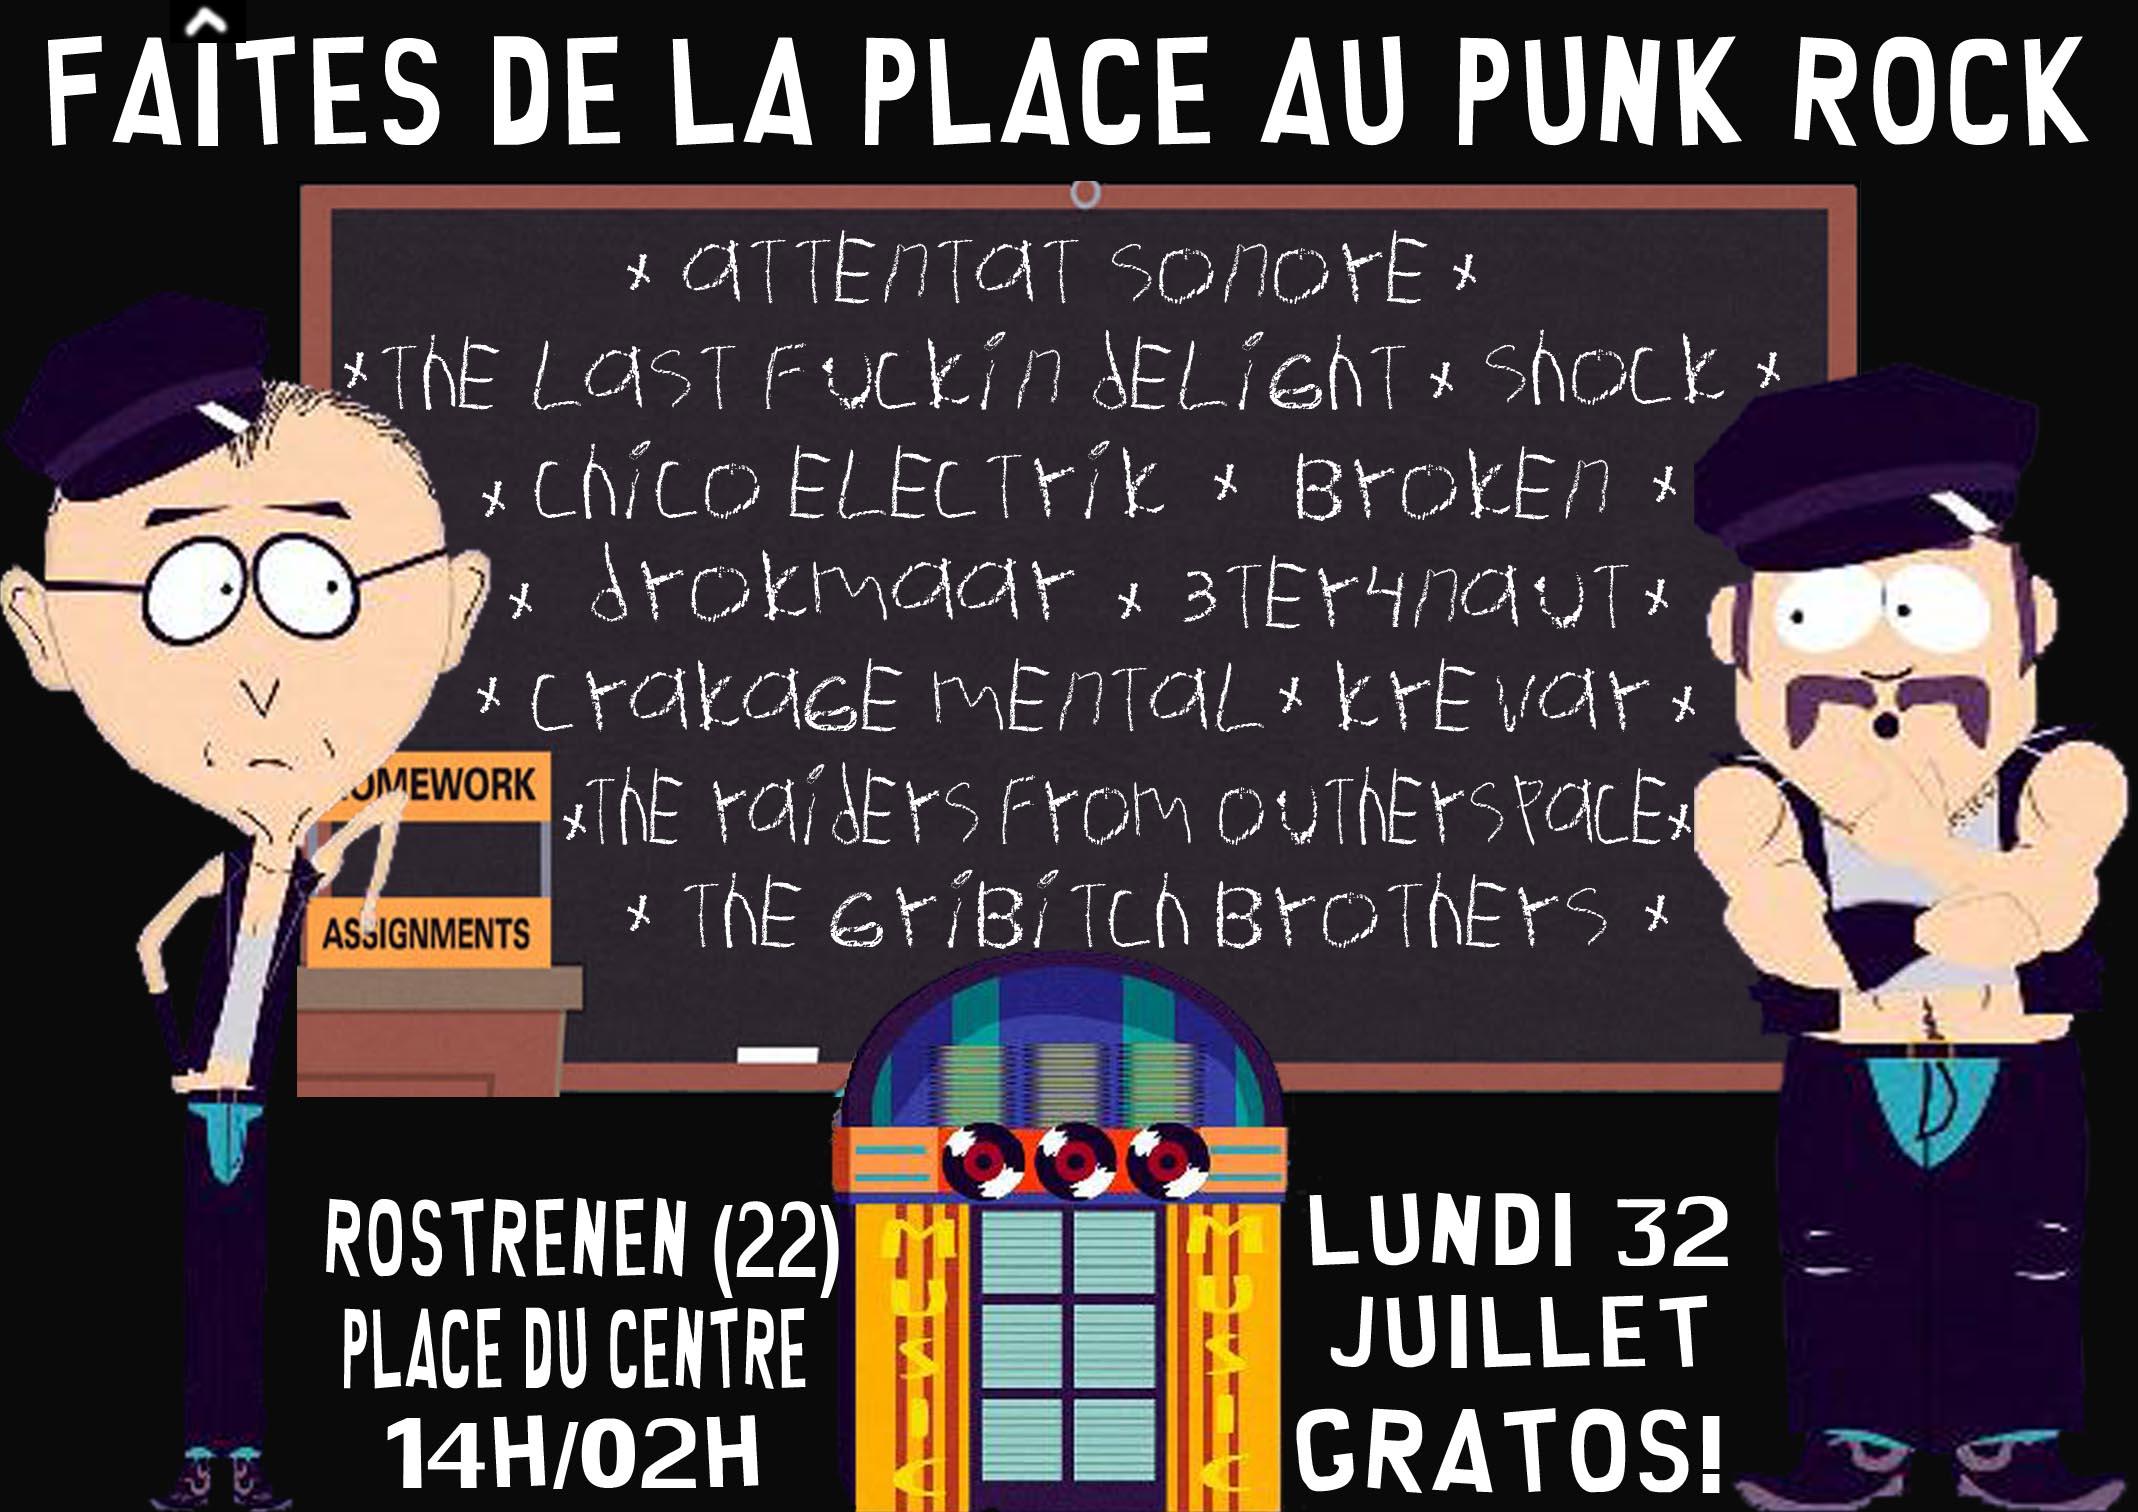 Faites de la place au punk rock, Restronen, 1/08/2011